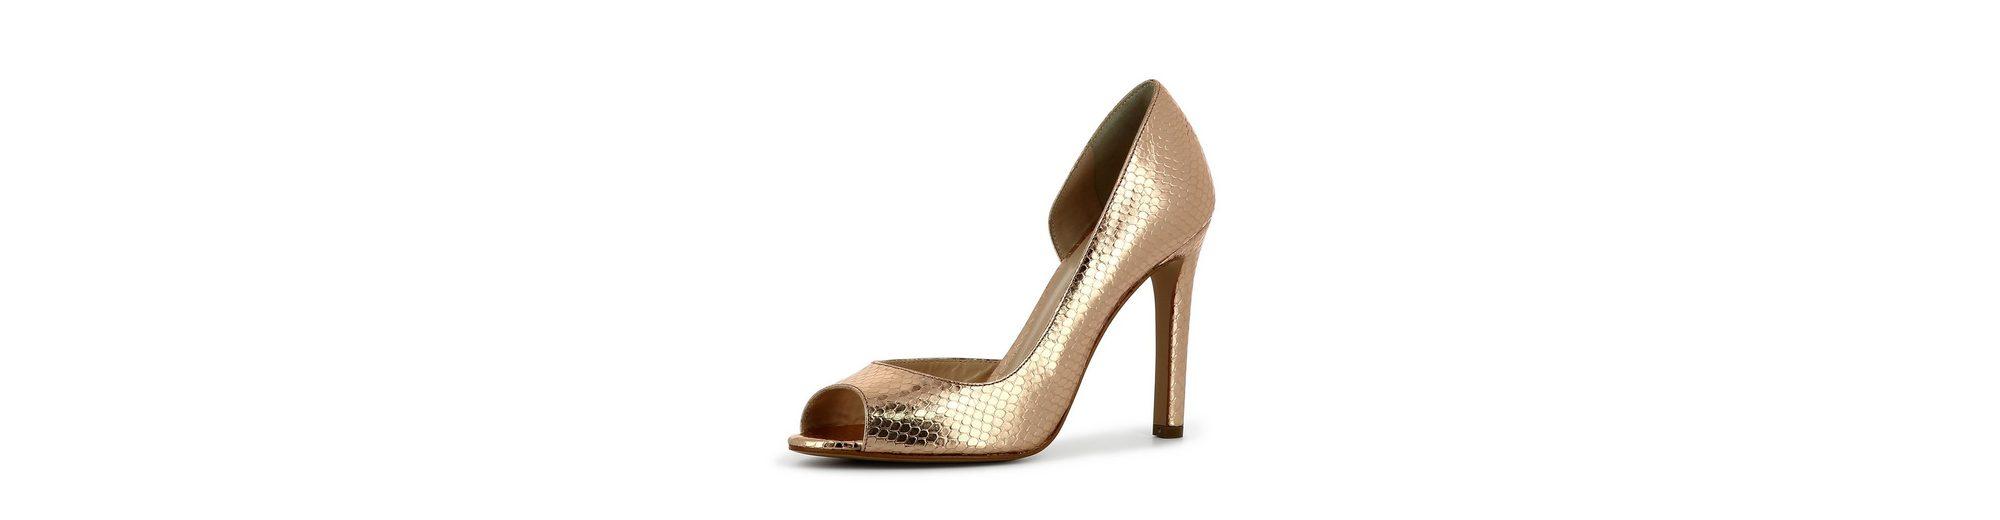 Beliebt Zu Verkaufen Zum Verkauf Rabatt Verkauf Evita BELINA Peeptoepumps Rabatt Empfehlen Outlet-Store Zum Verkauf hyw8BOc